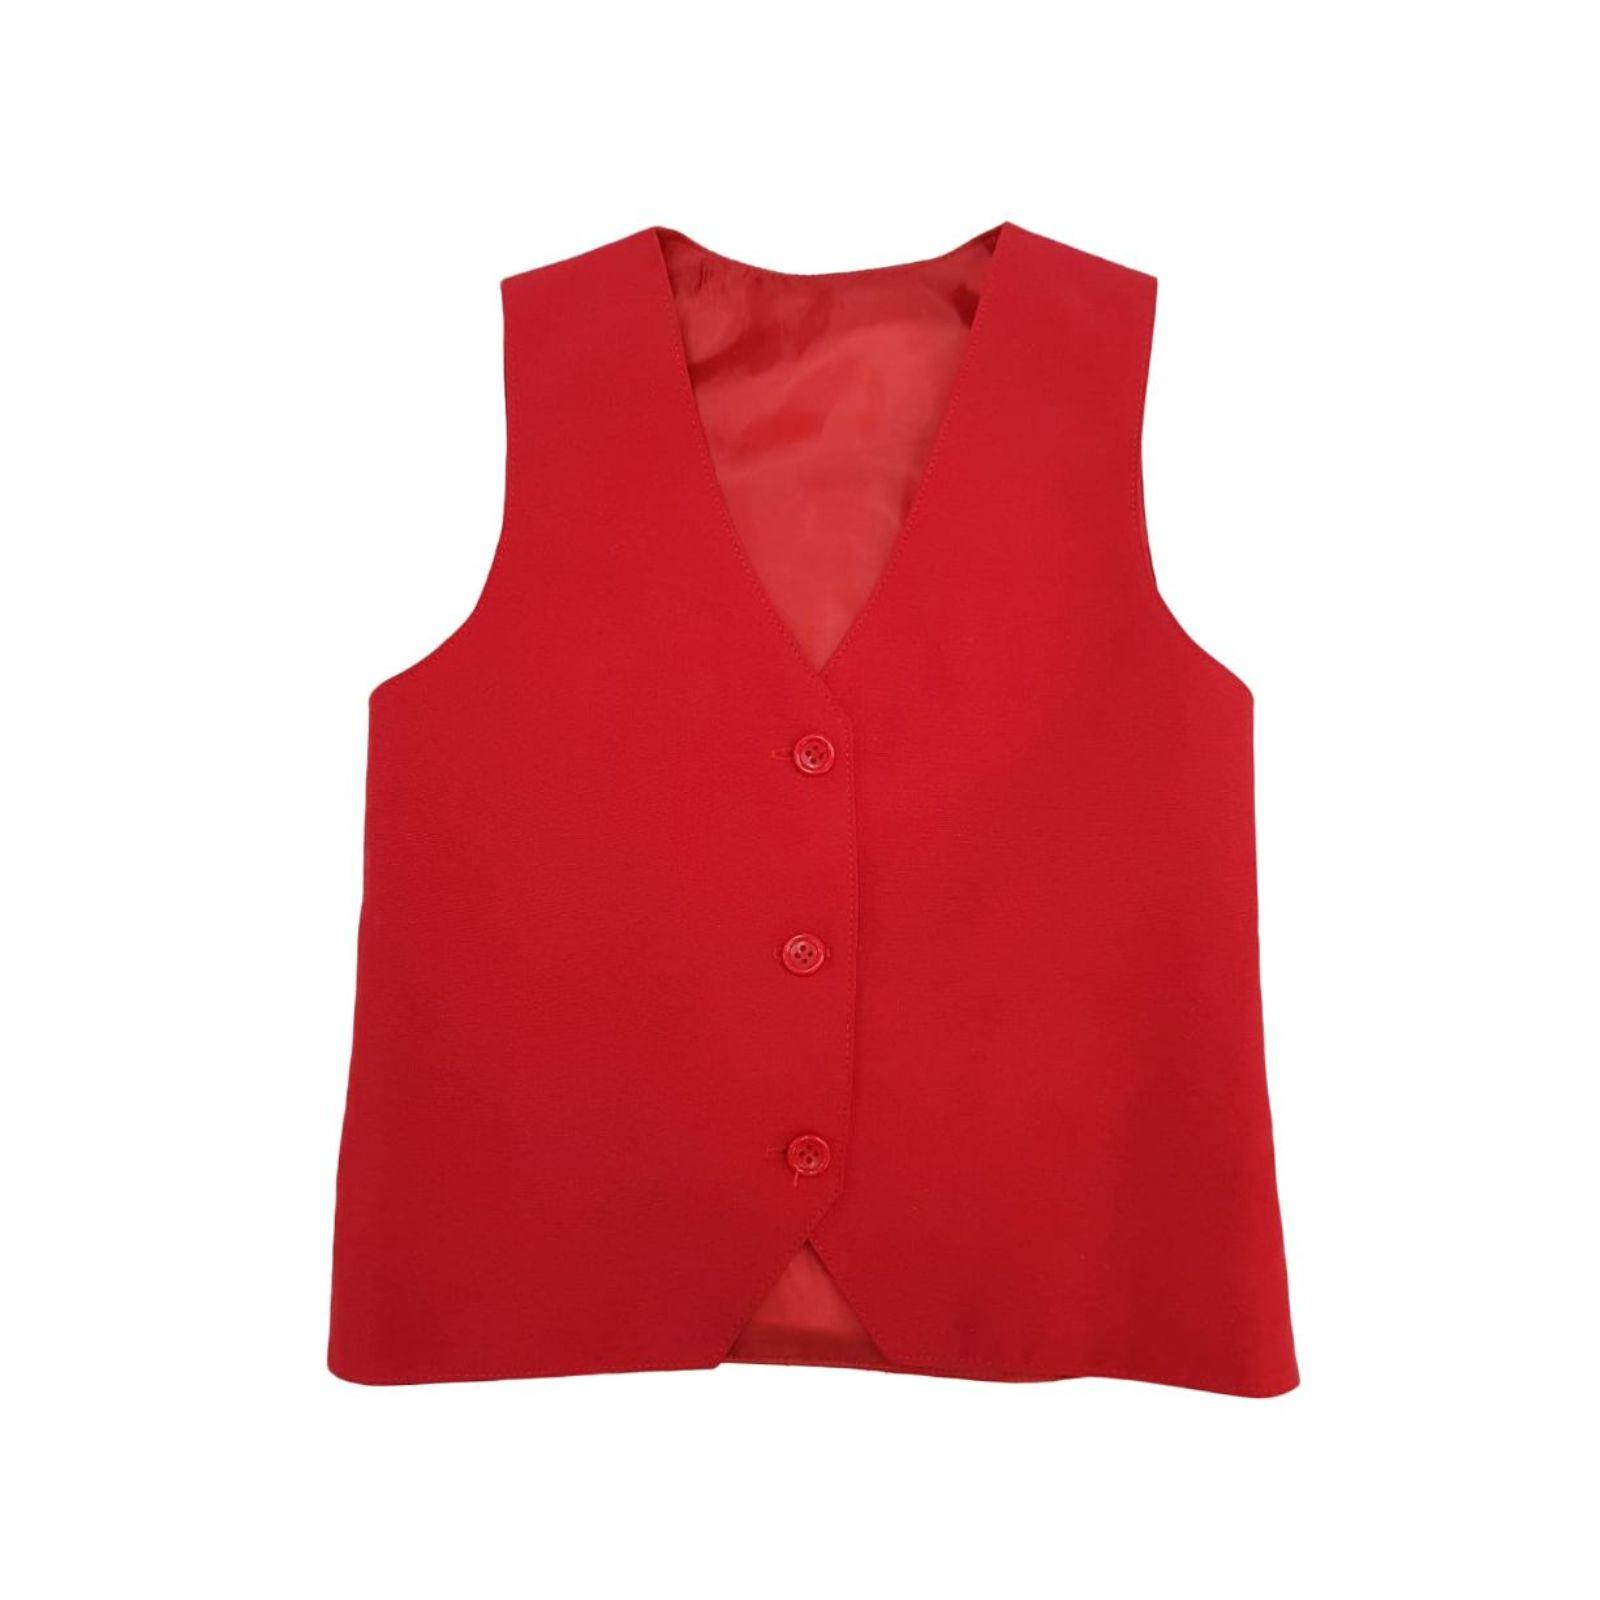 Vesta rosie - uniforma scolara